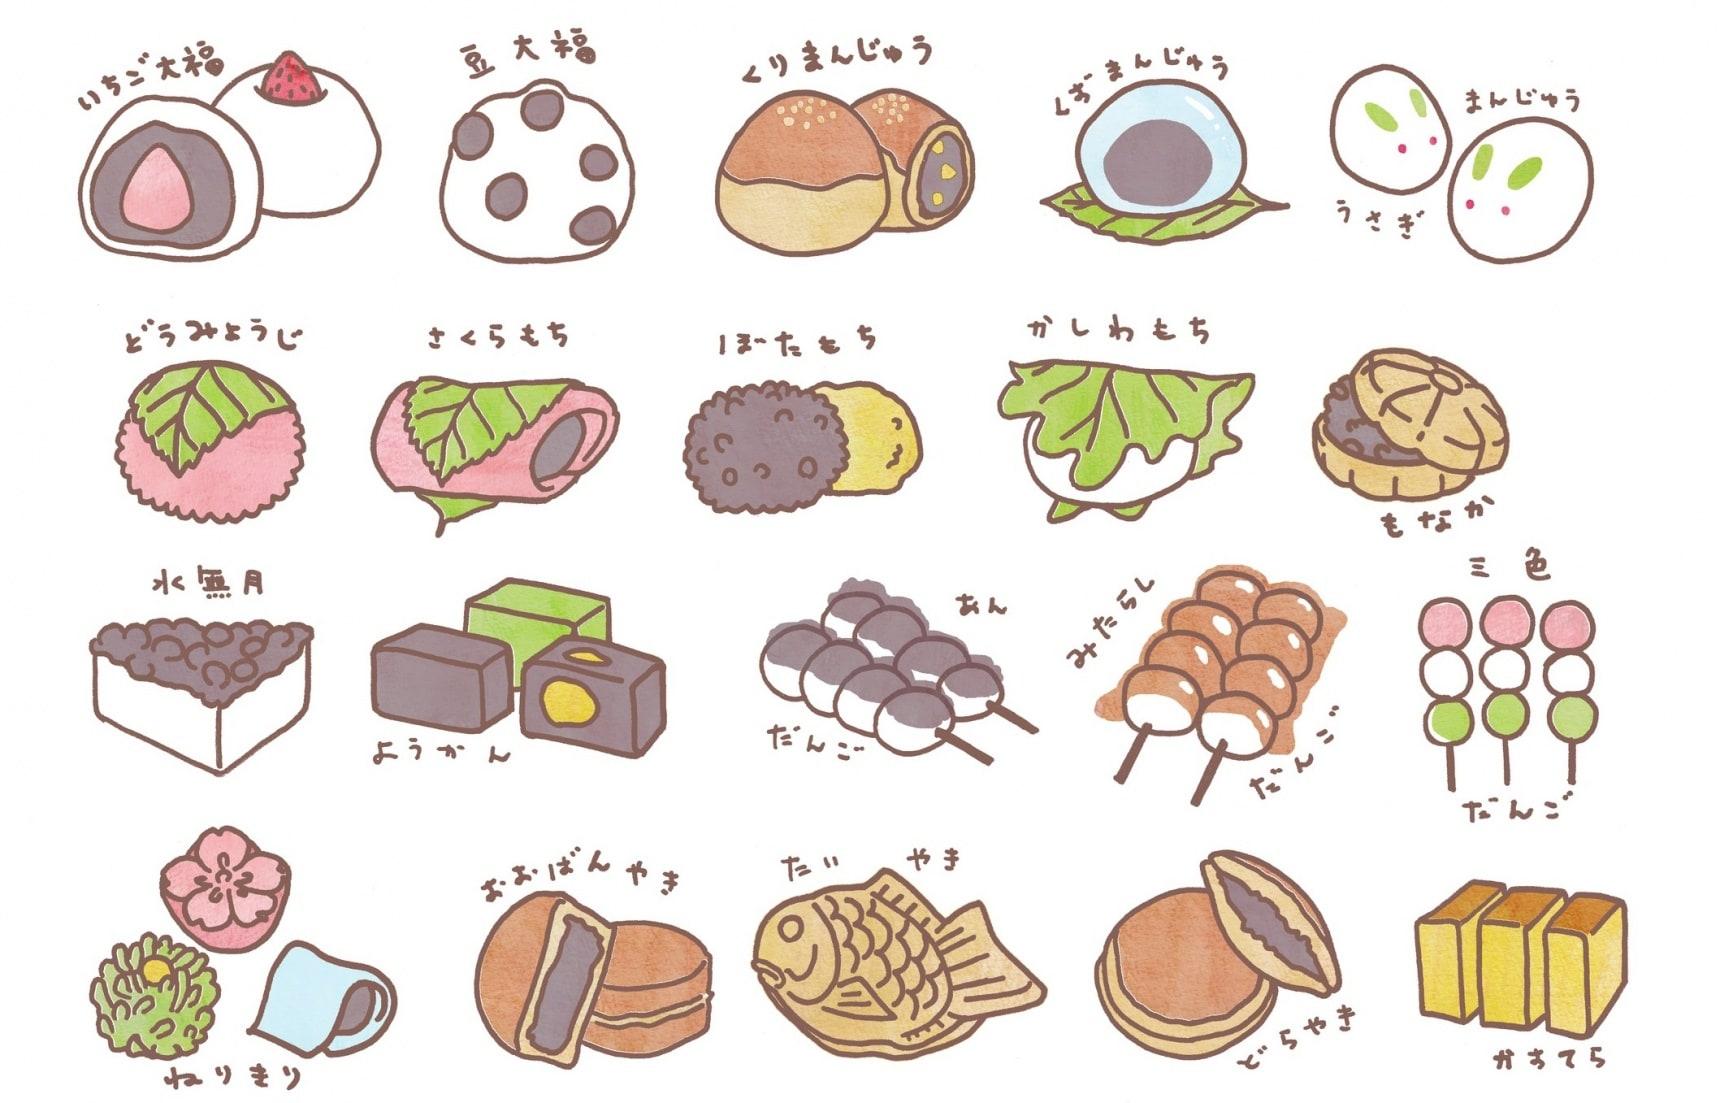 รวมขนมหวานญี่ปุ่น 10 ชนิดที่น่าลิ้มลอง